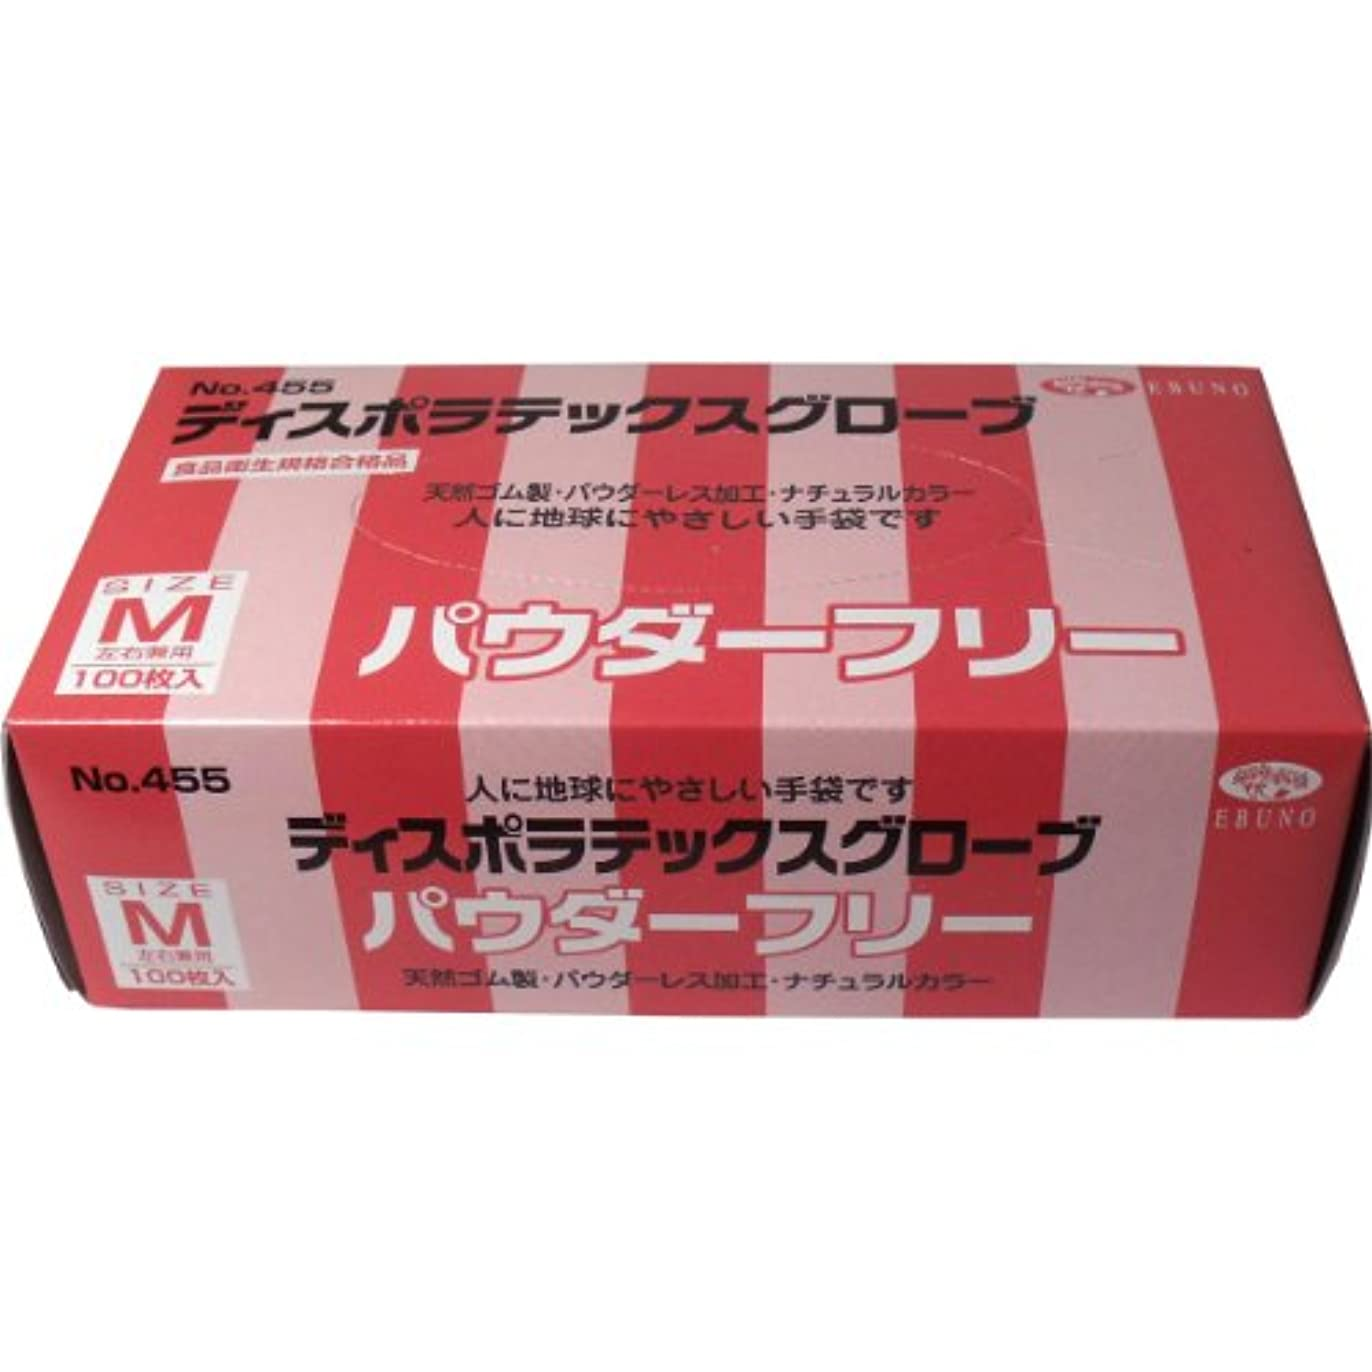 ディスポ ラテックスグローブ(天然ゴム手袋) パウダーフリー Mサイズ 100枚入×10個セット